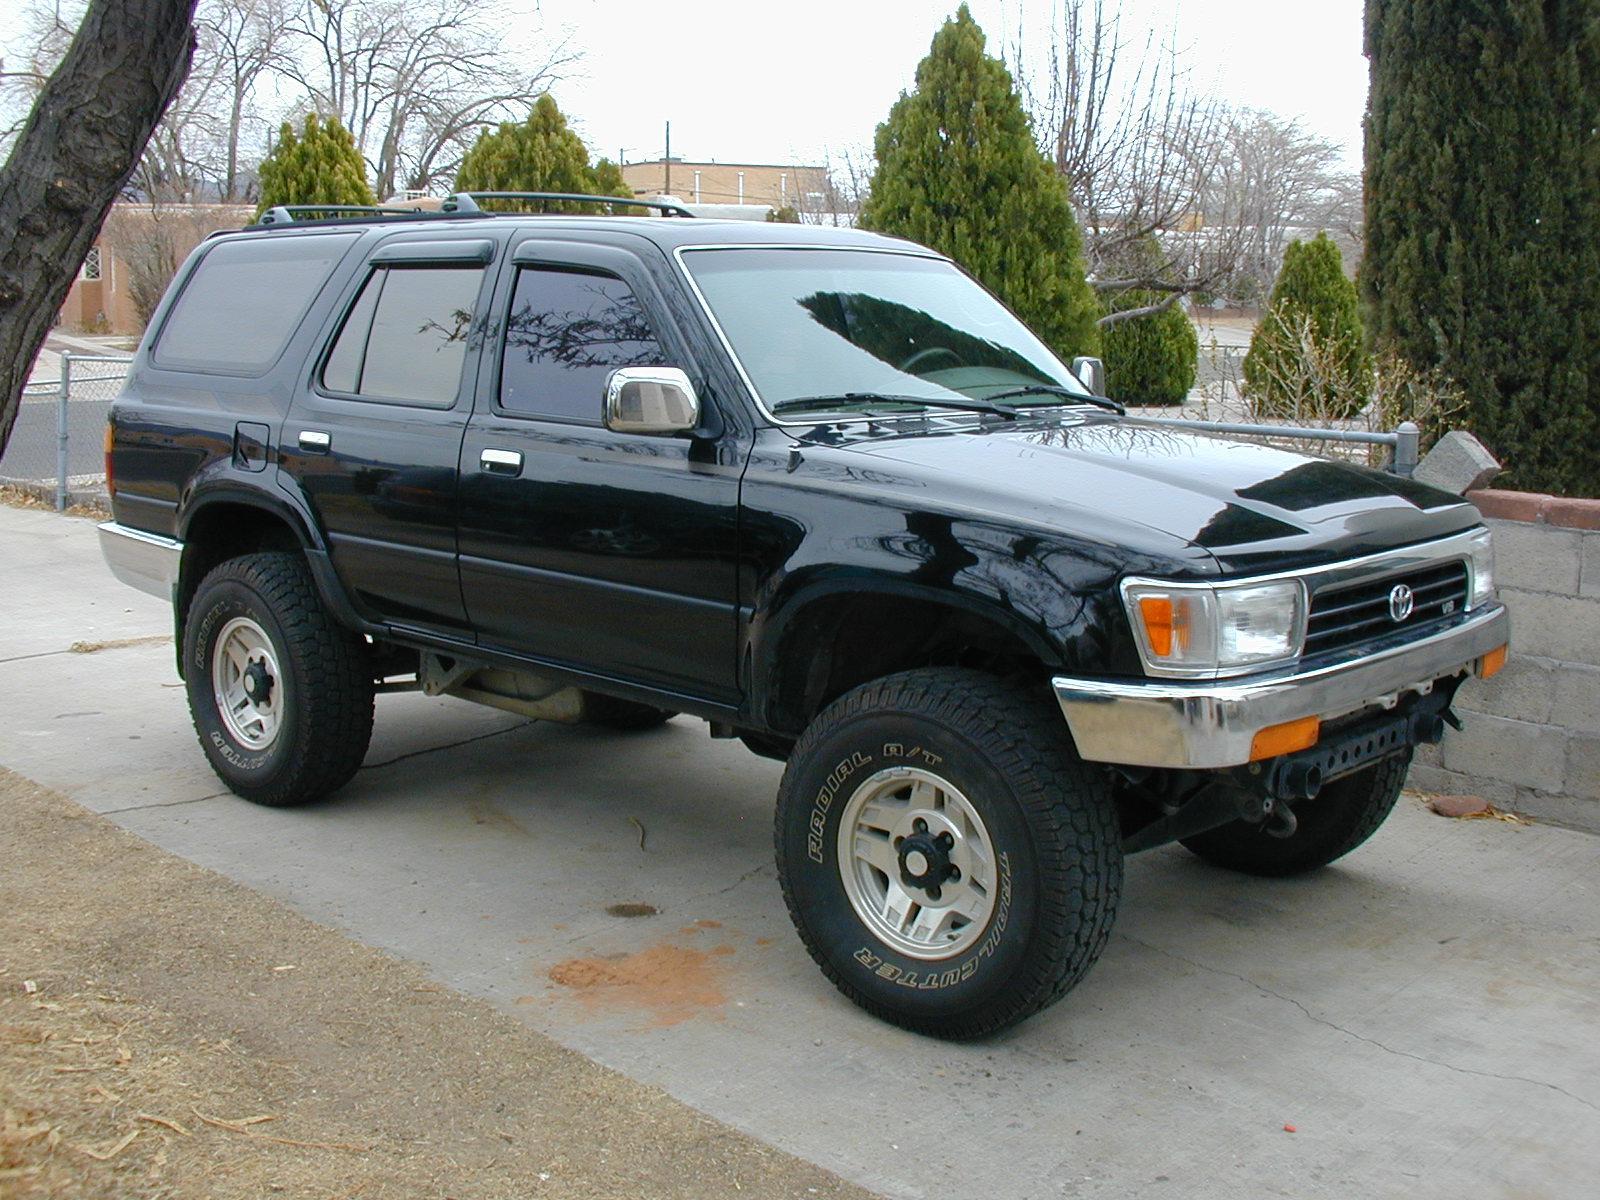 1993 Toyota 4Runner #11 Toyota 4Runner #11 800 1024 1280 1600 origin ...